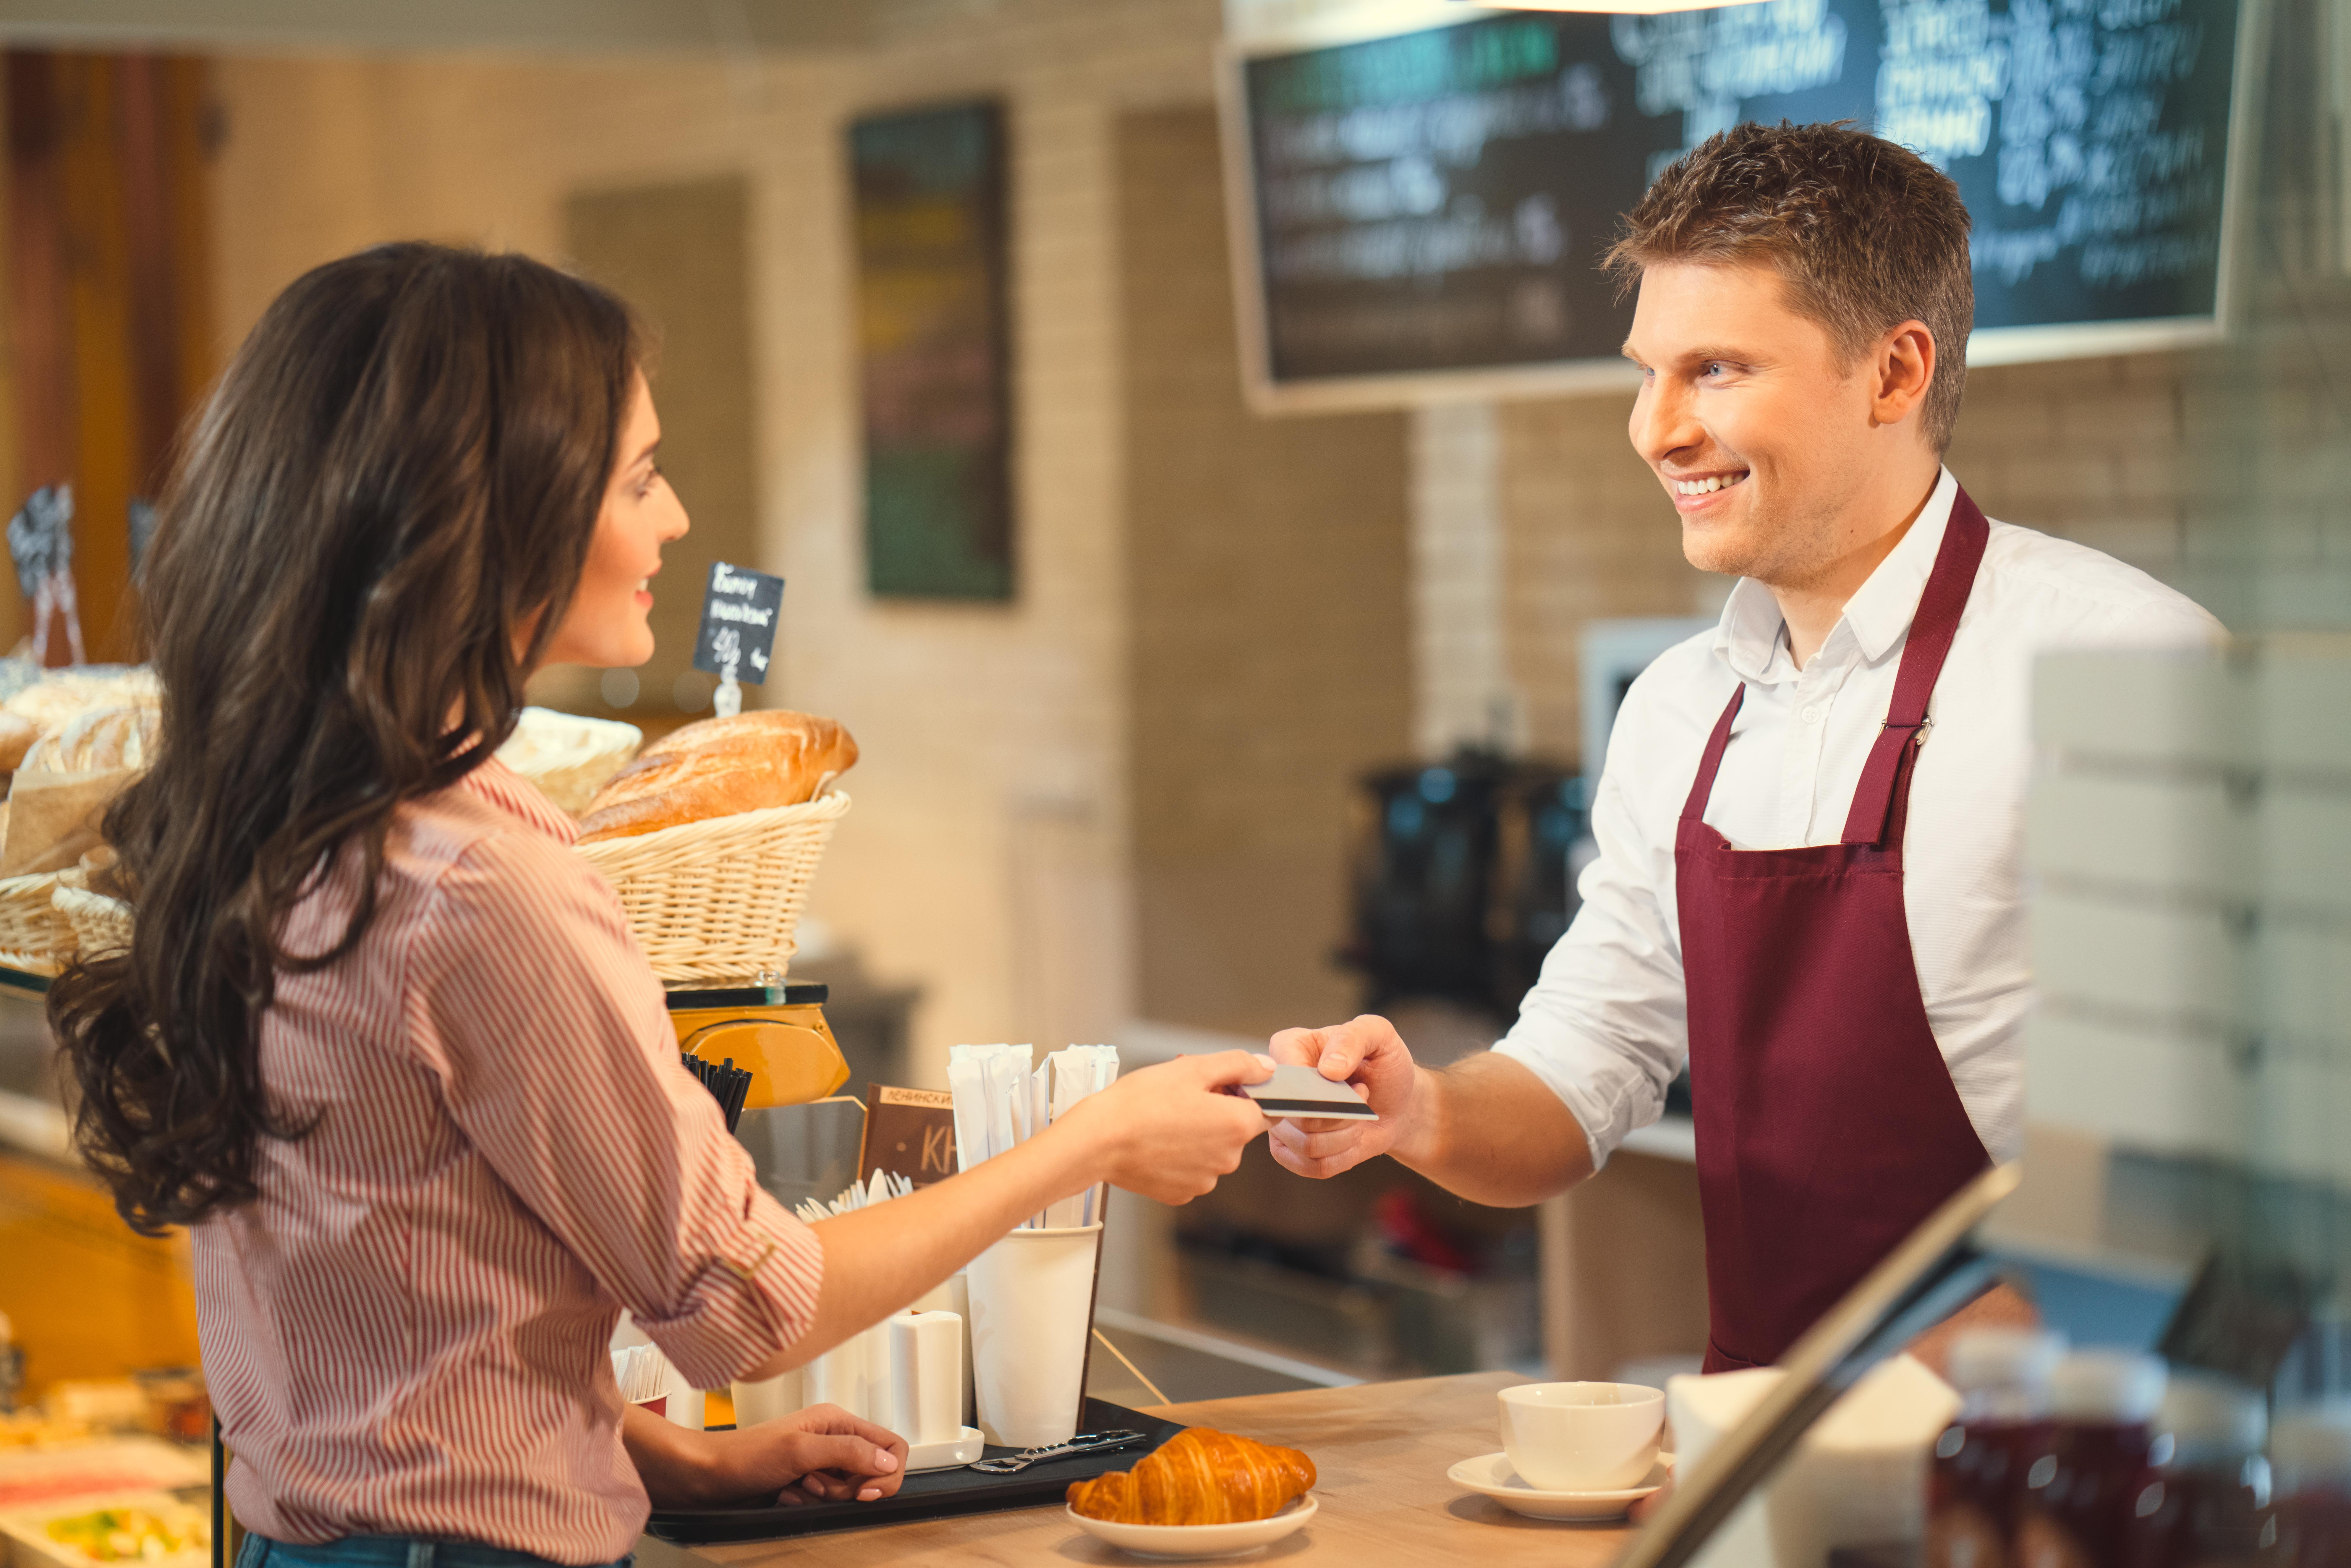 APIs permit brick-and-mortar customers to take payments at a kiosk | RapidAPI